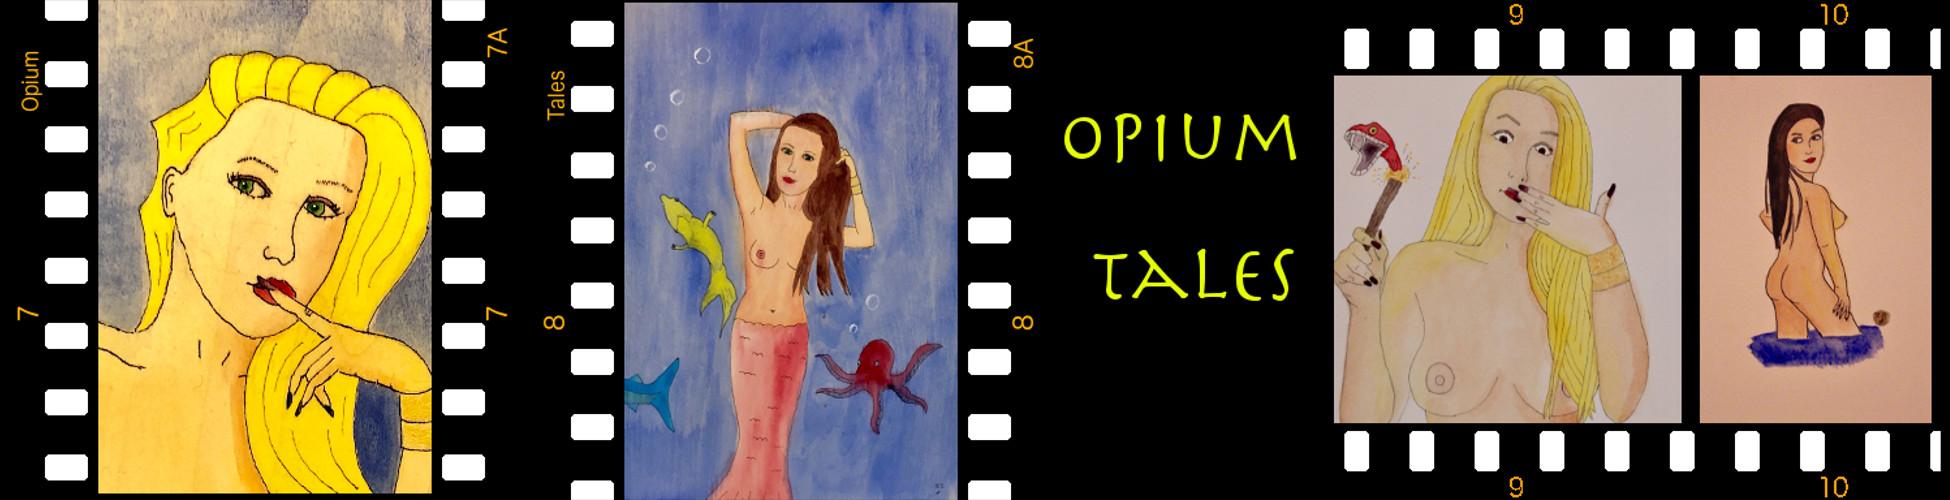 opium tales header